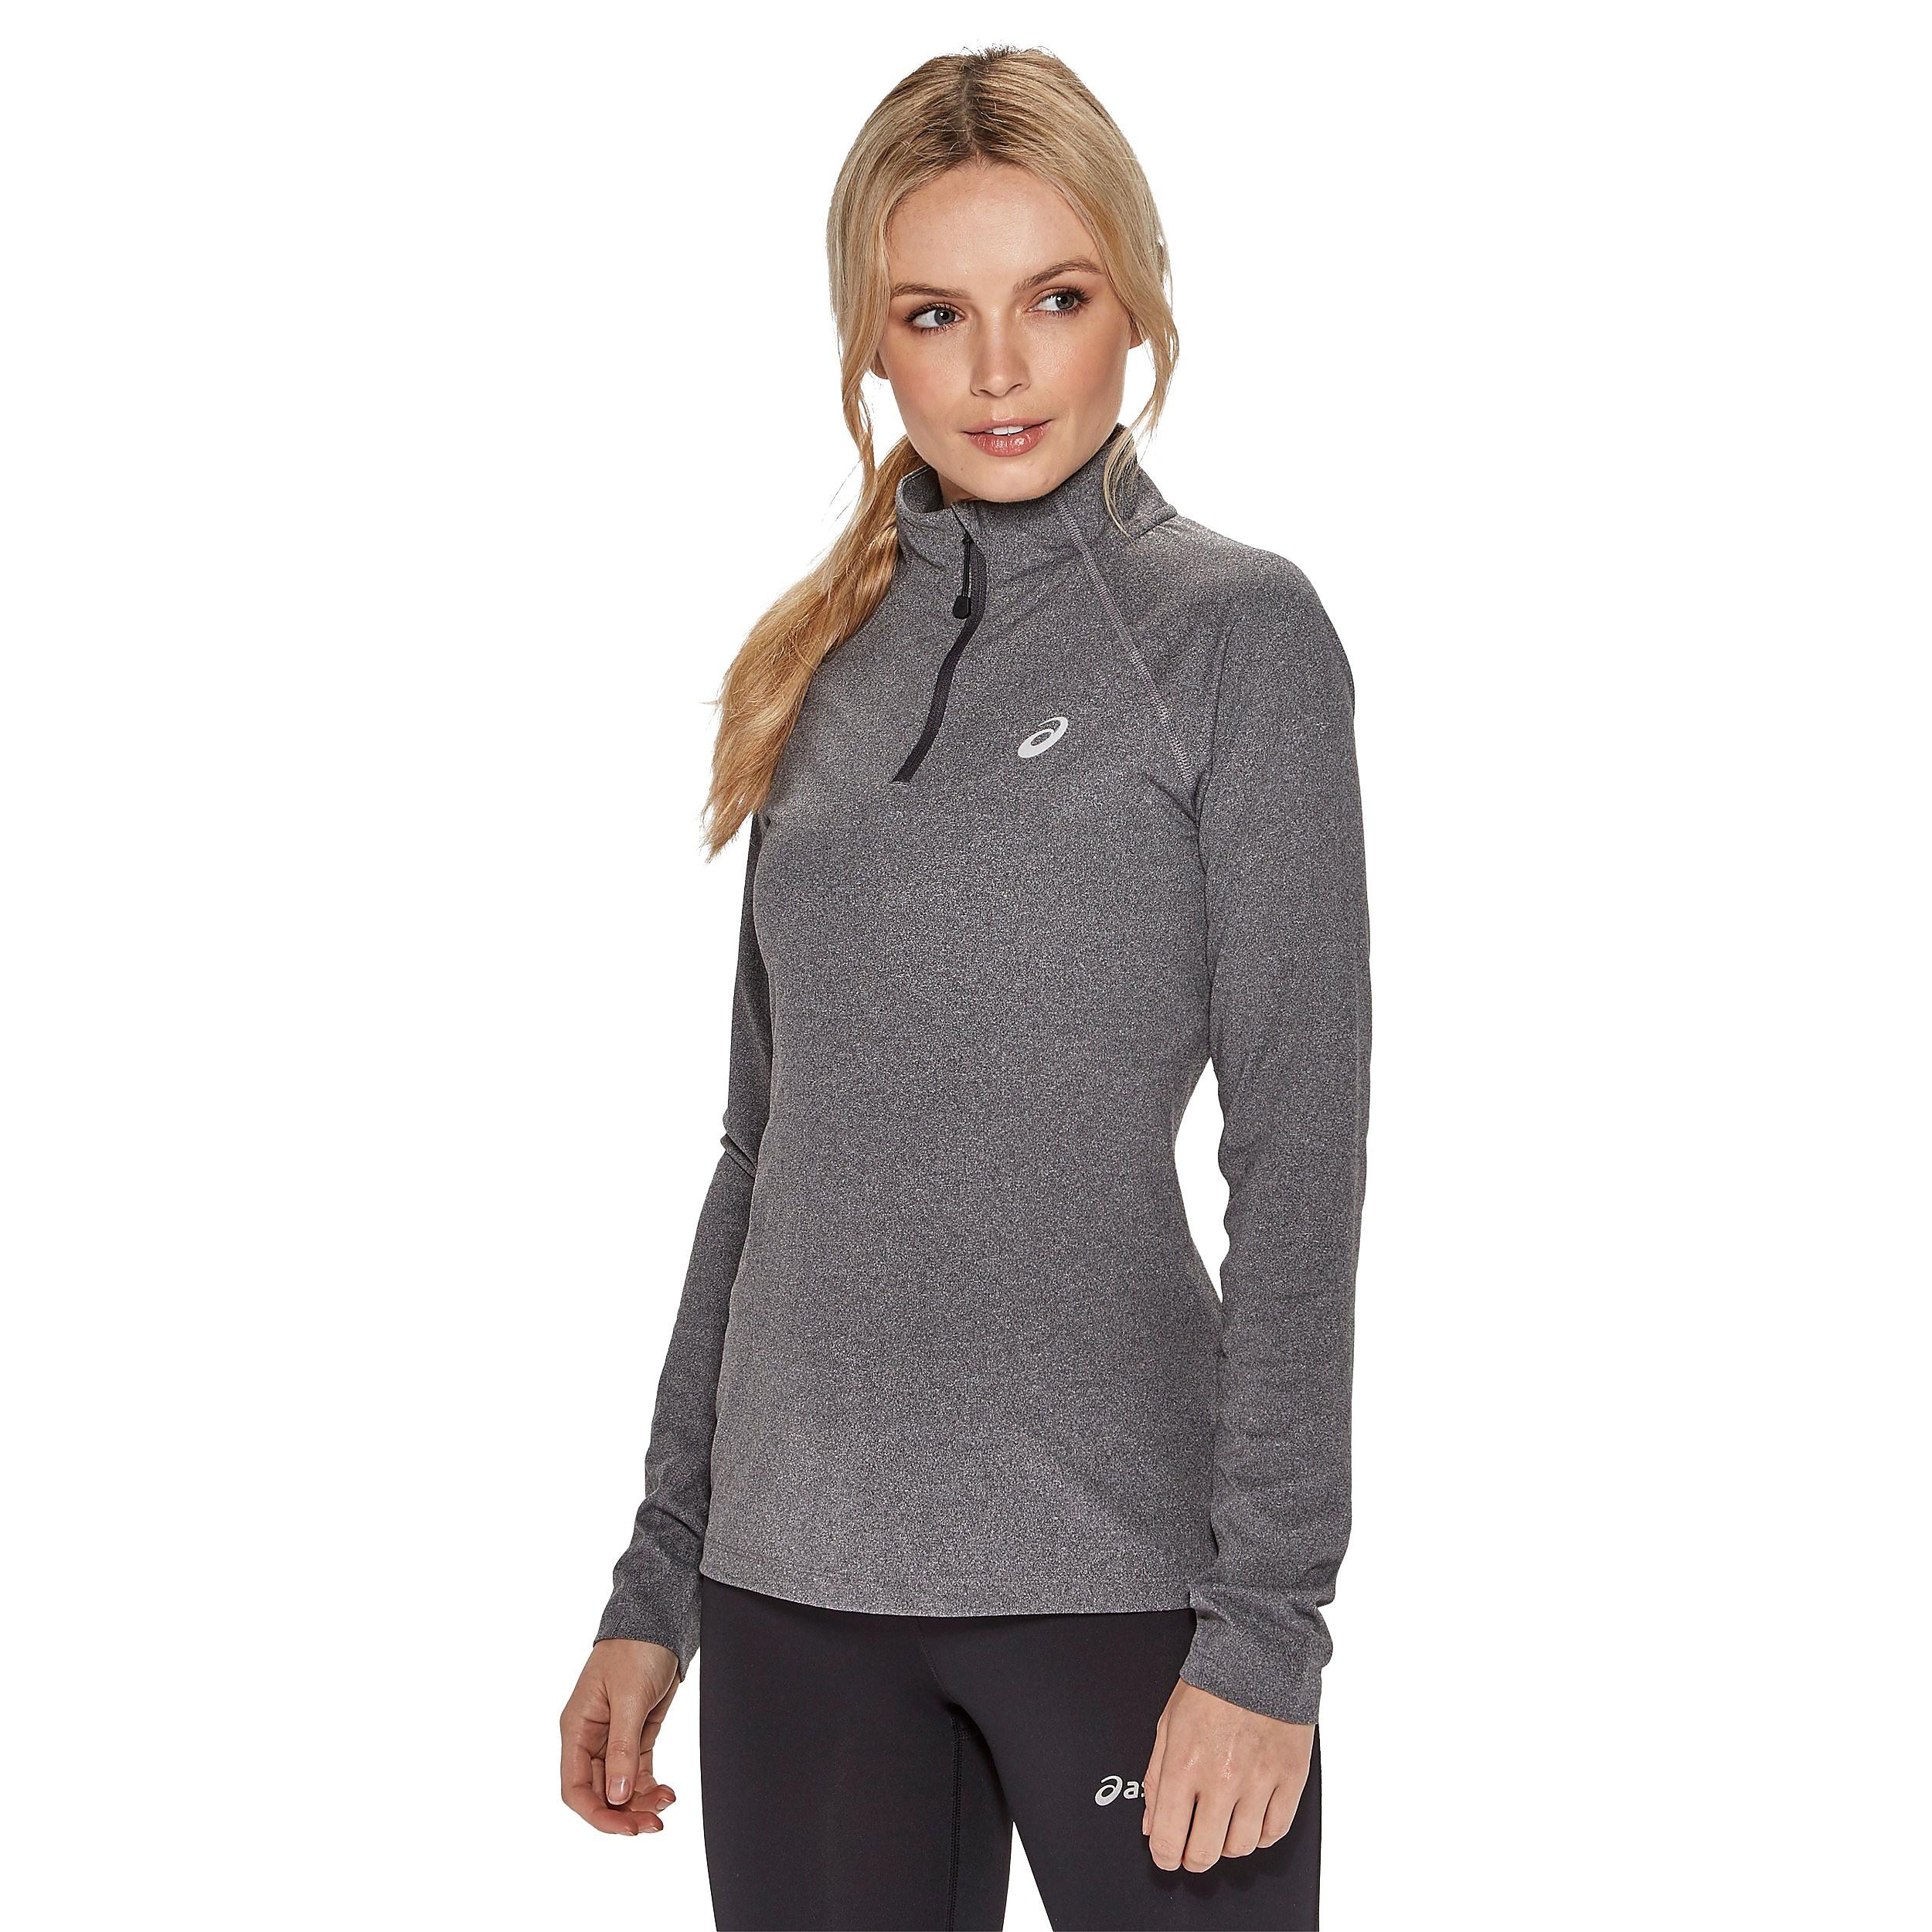 ASICS Long Sleeve 1/2 Zip Women's Jersey